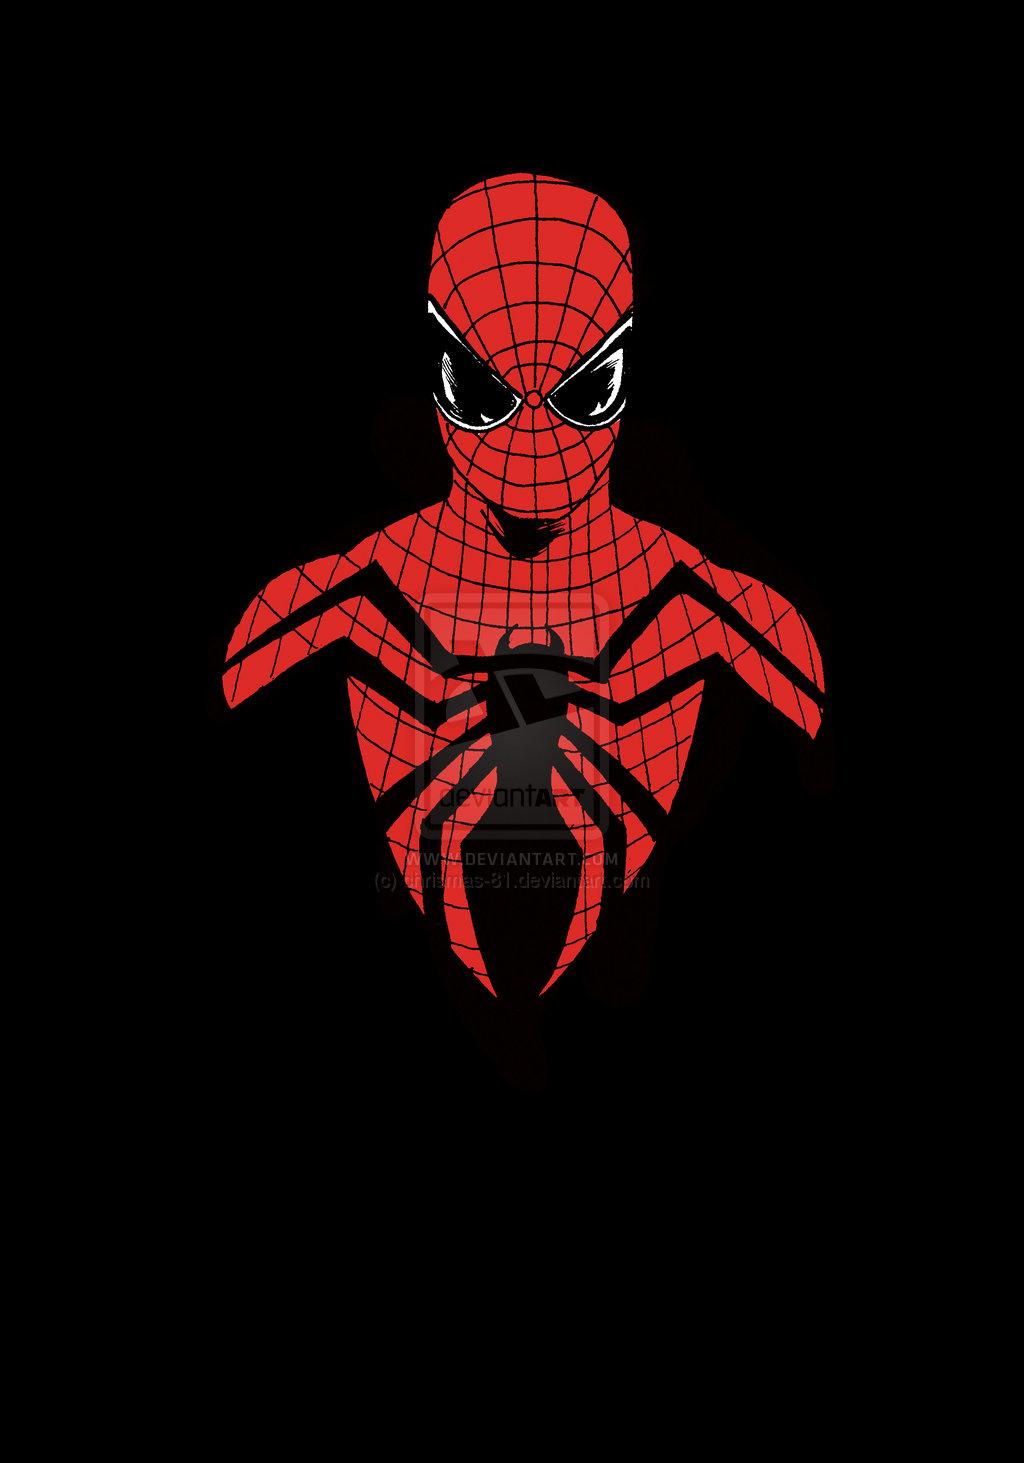 Spiderman iPhone Wallpapers - WallpaperSafari Spiderman Logo Wallpaper For Iphone